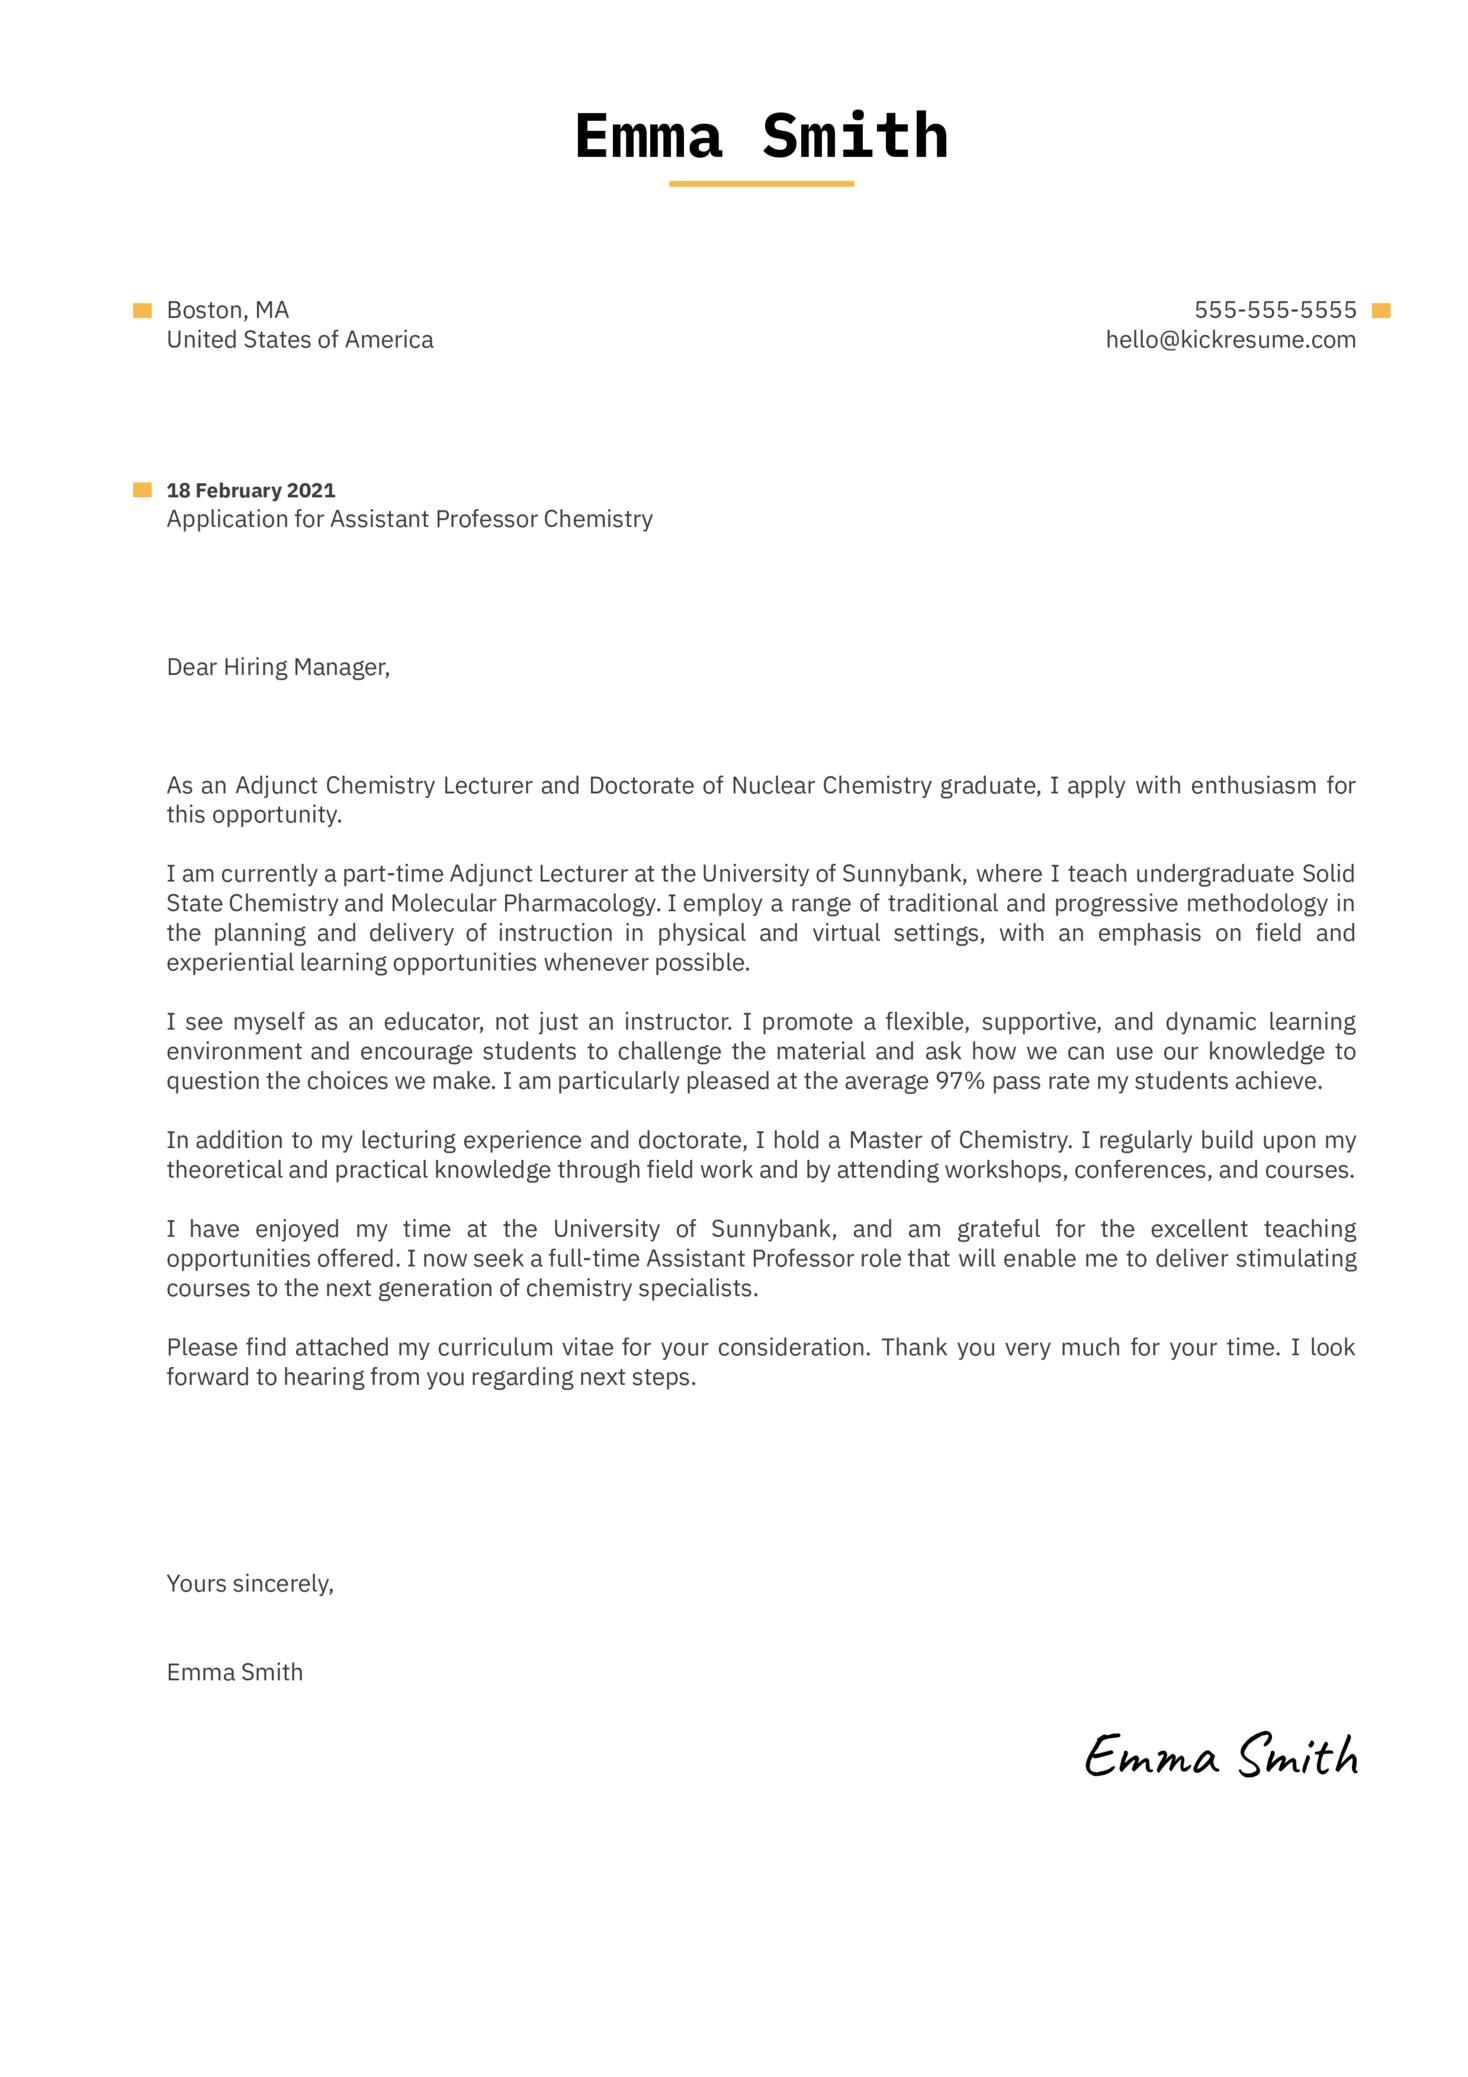 Assistant Professor Chemistry Cover Letter Sample